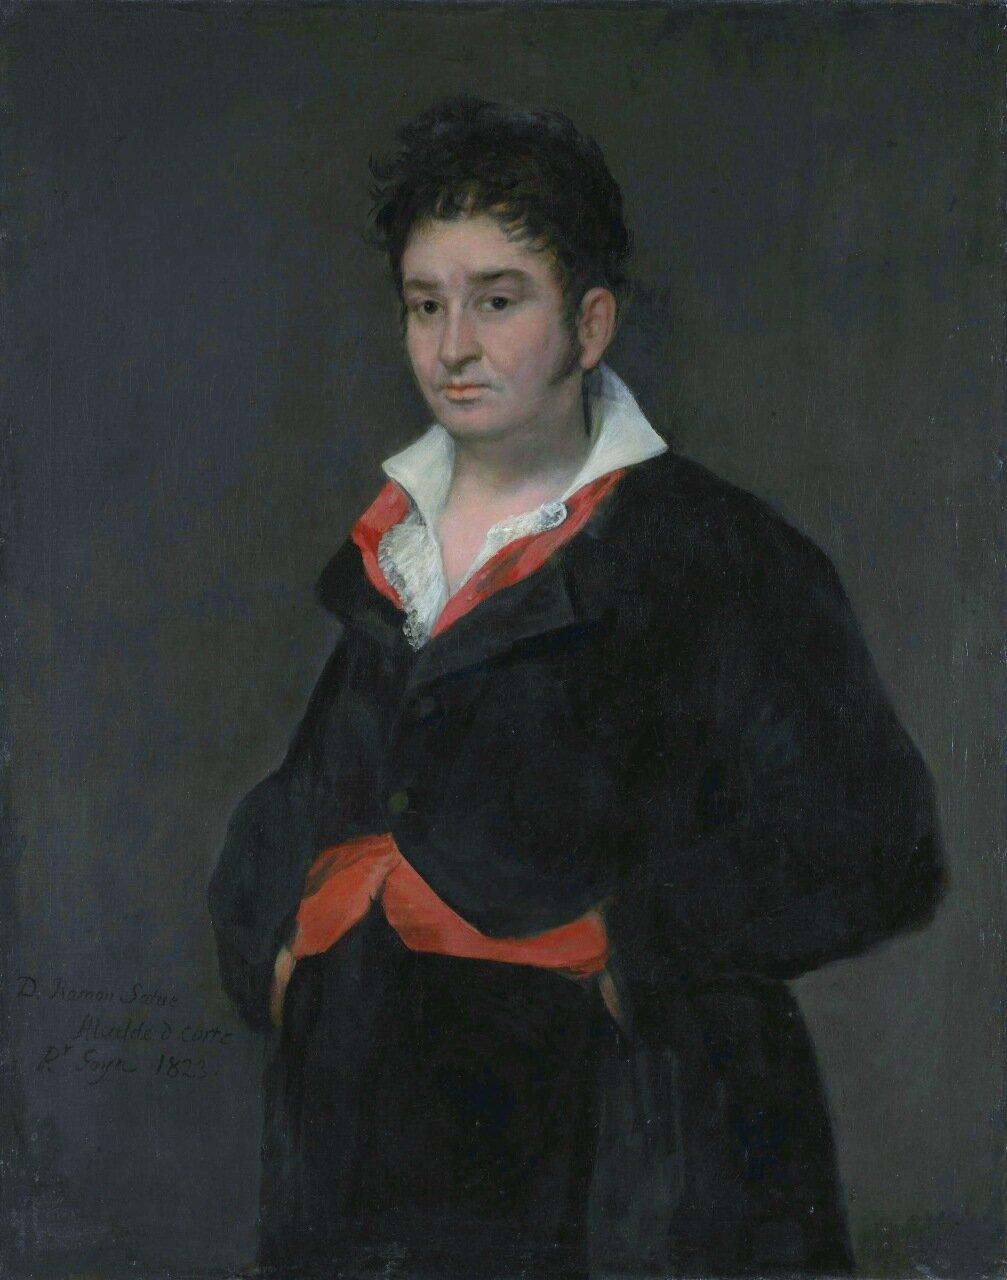 Don Ramón Satué (1765-1824), by Francisco José de Goya y Lucientes